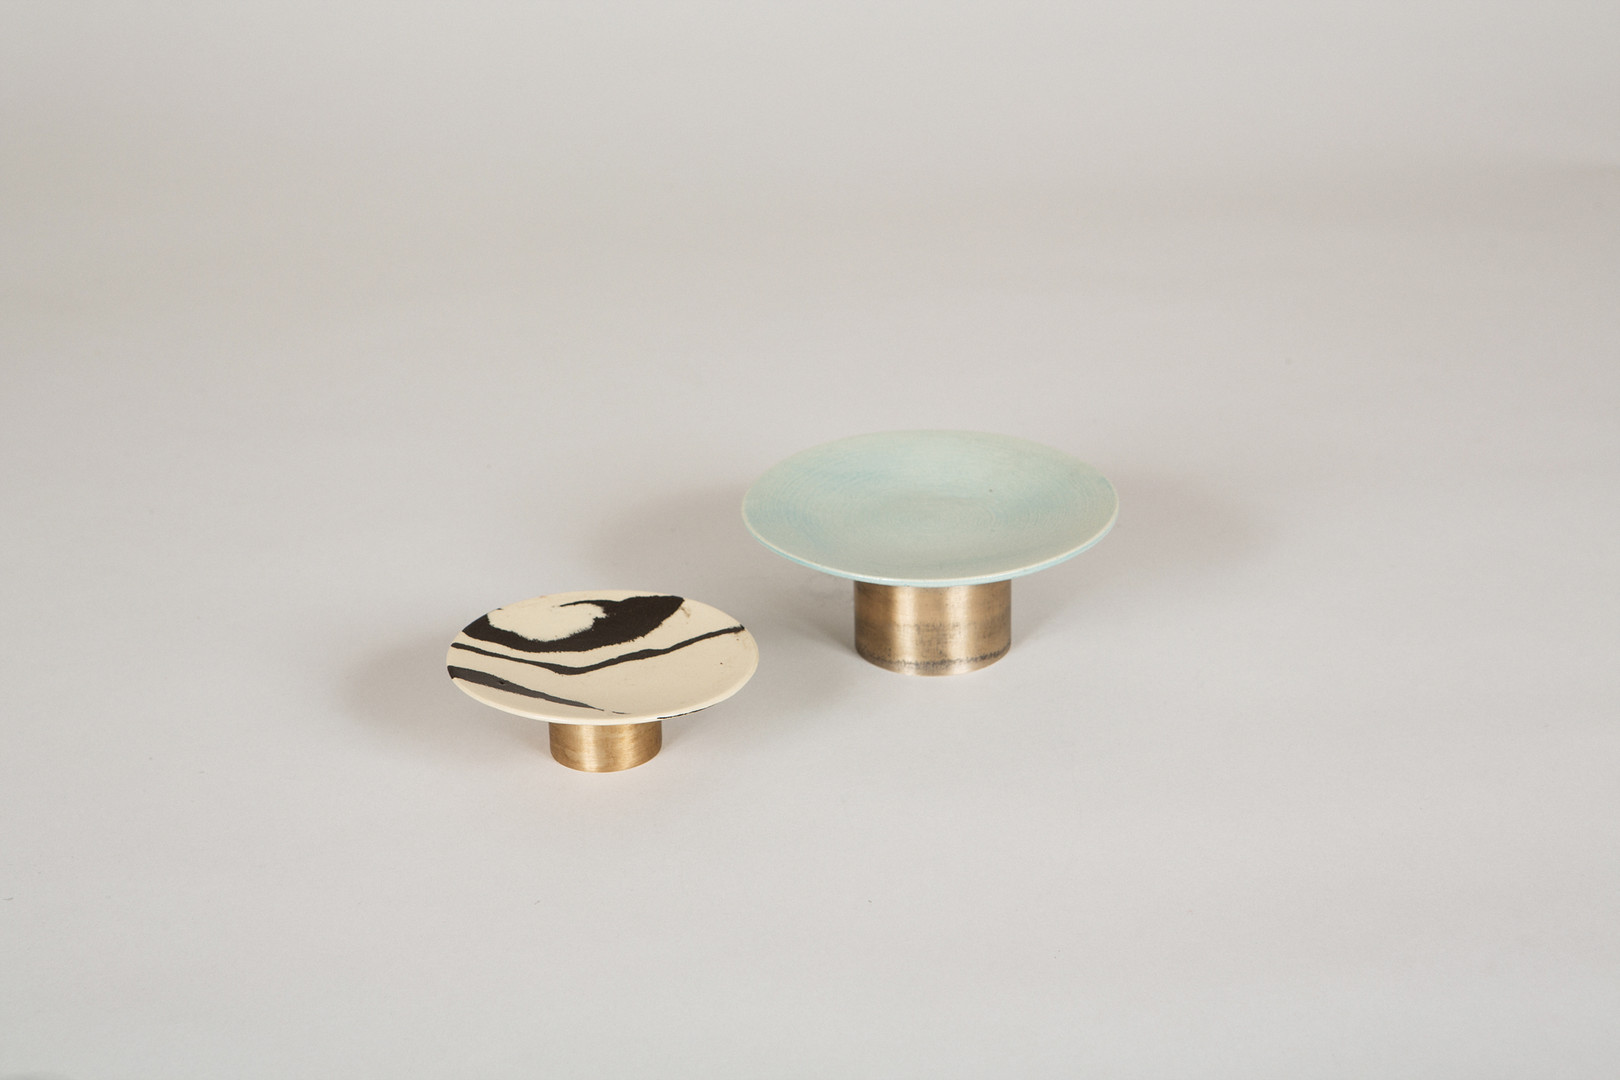 Cups by Marine Breynaert